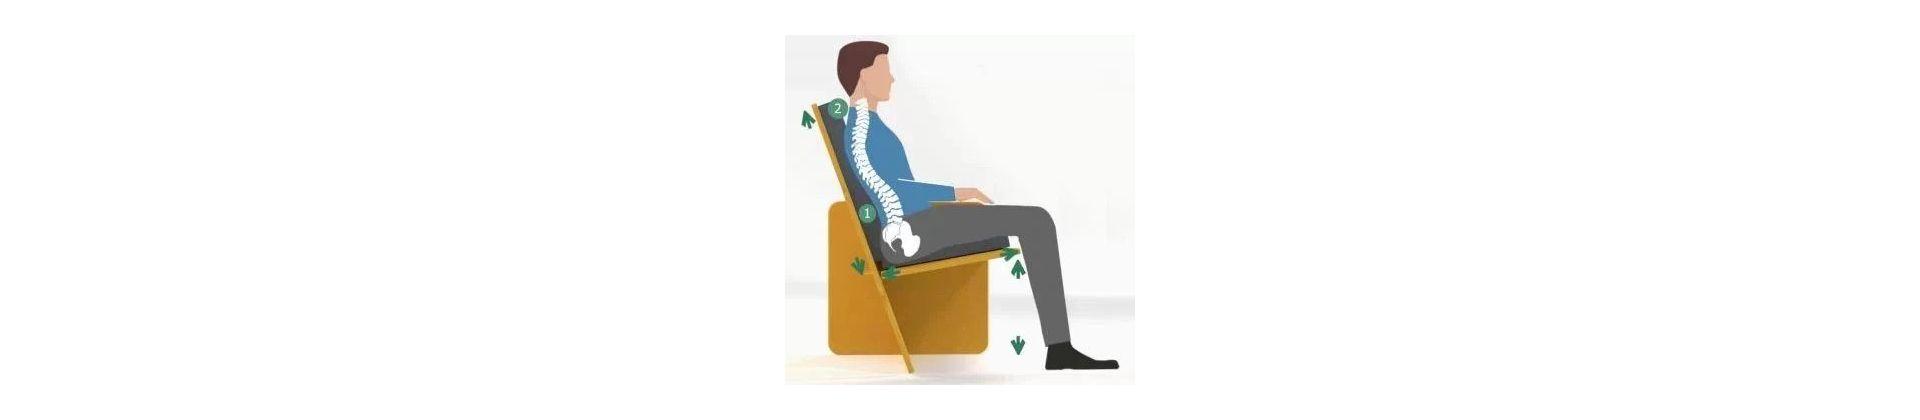 Fauteuil pour prendre soin du dos